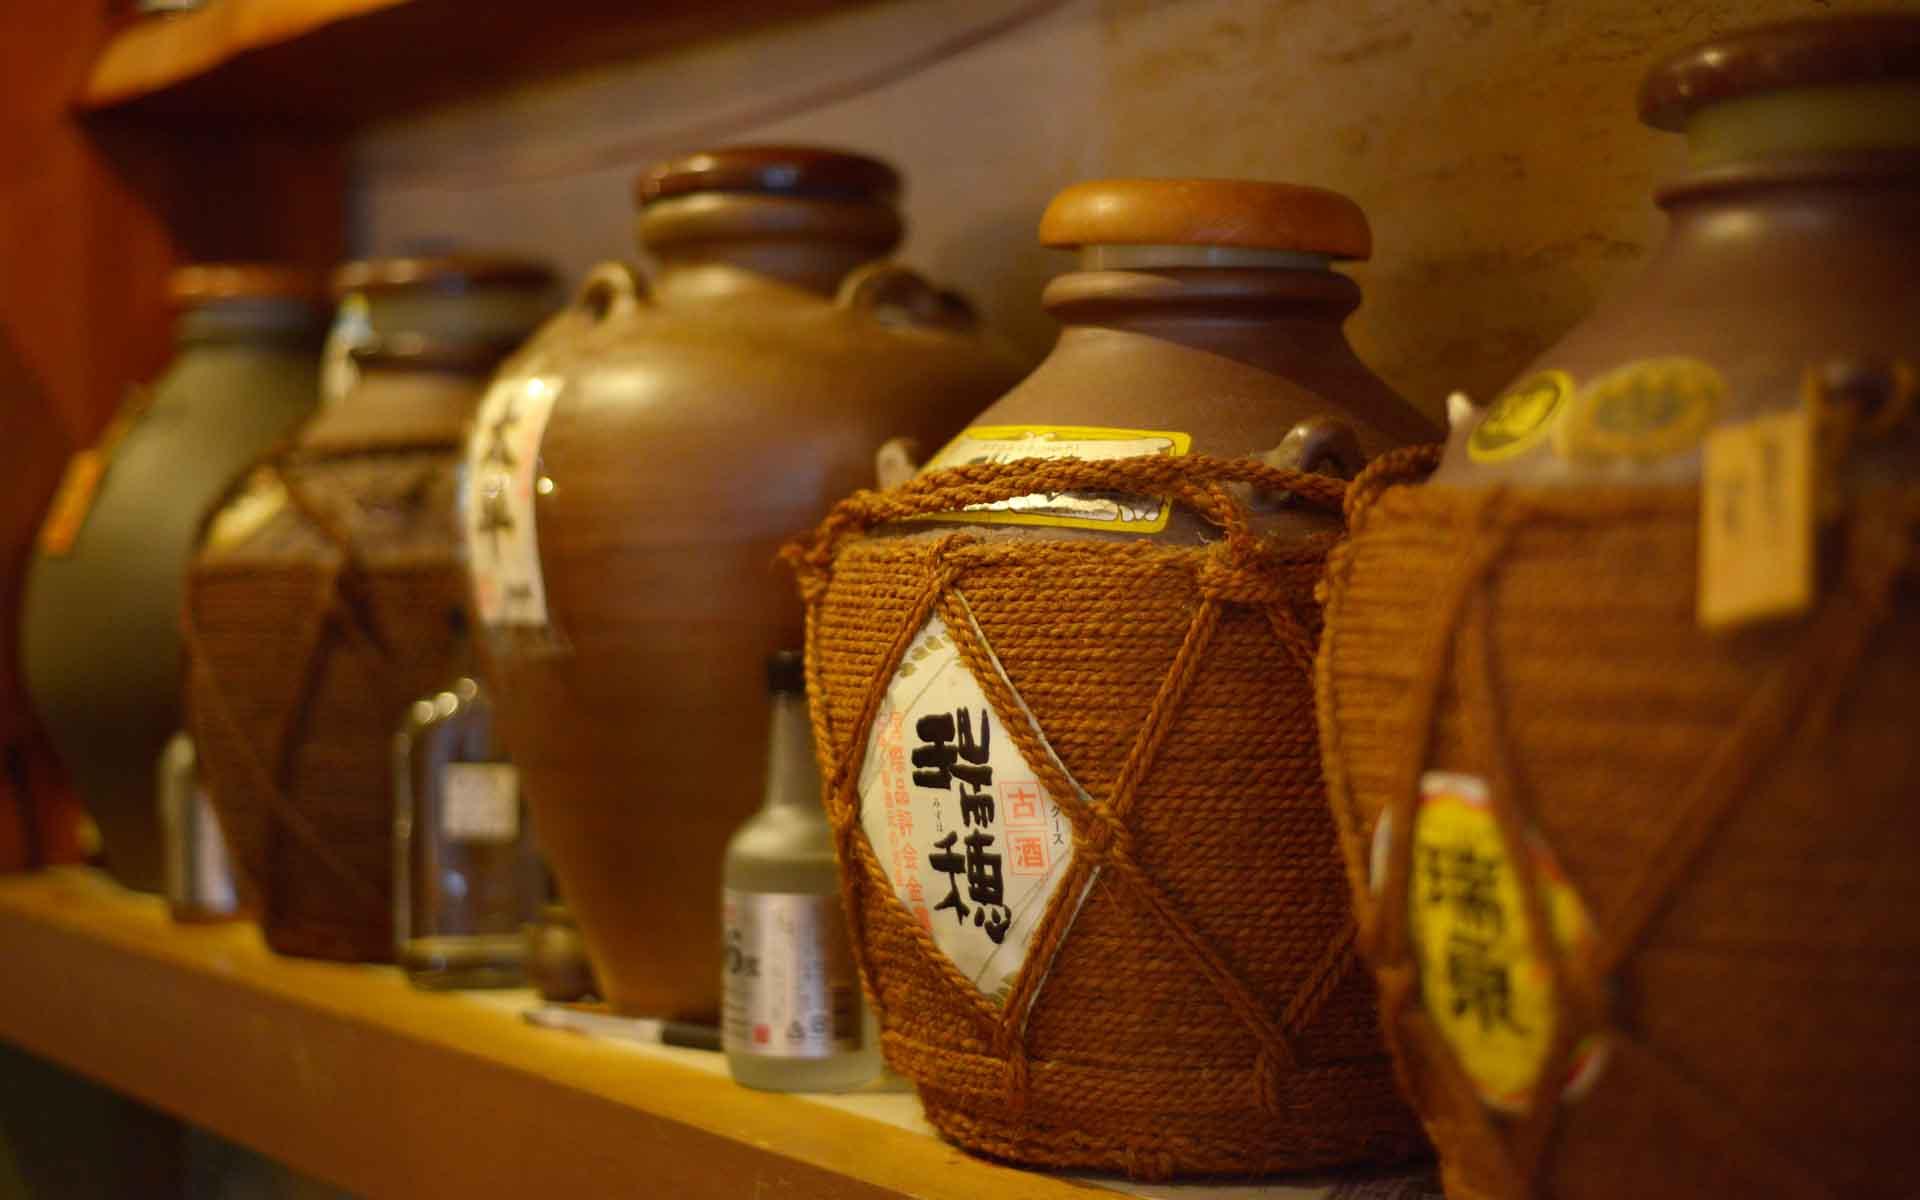 沖縄みやげは「やちむん」と泡盛を。選び方や古酒の楽しみ方をマイスターに聞く